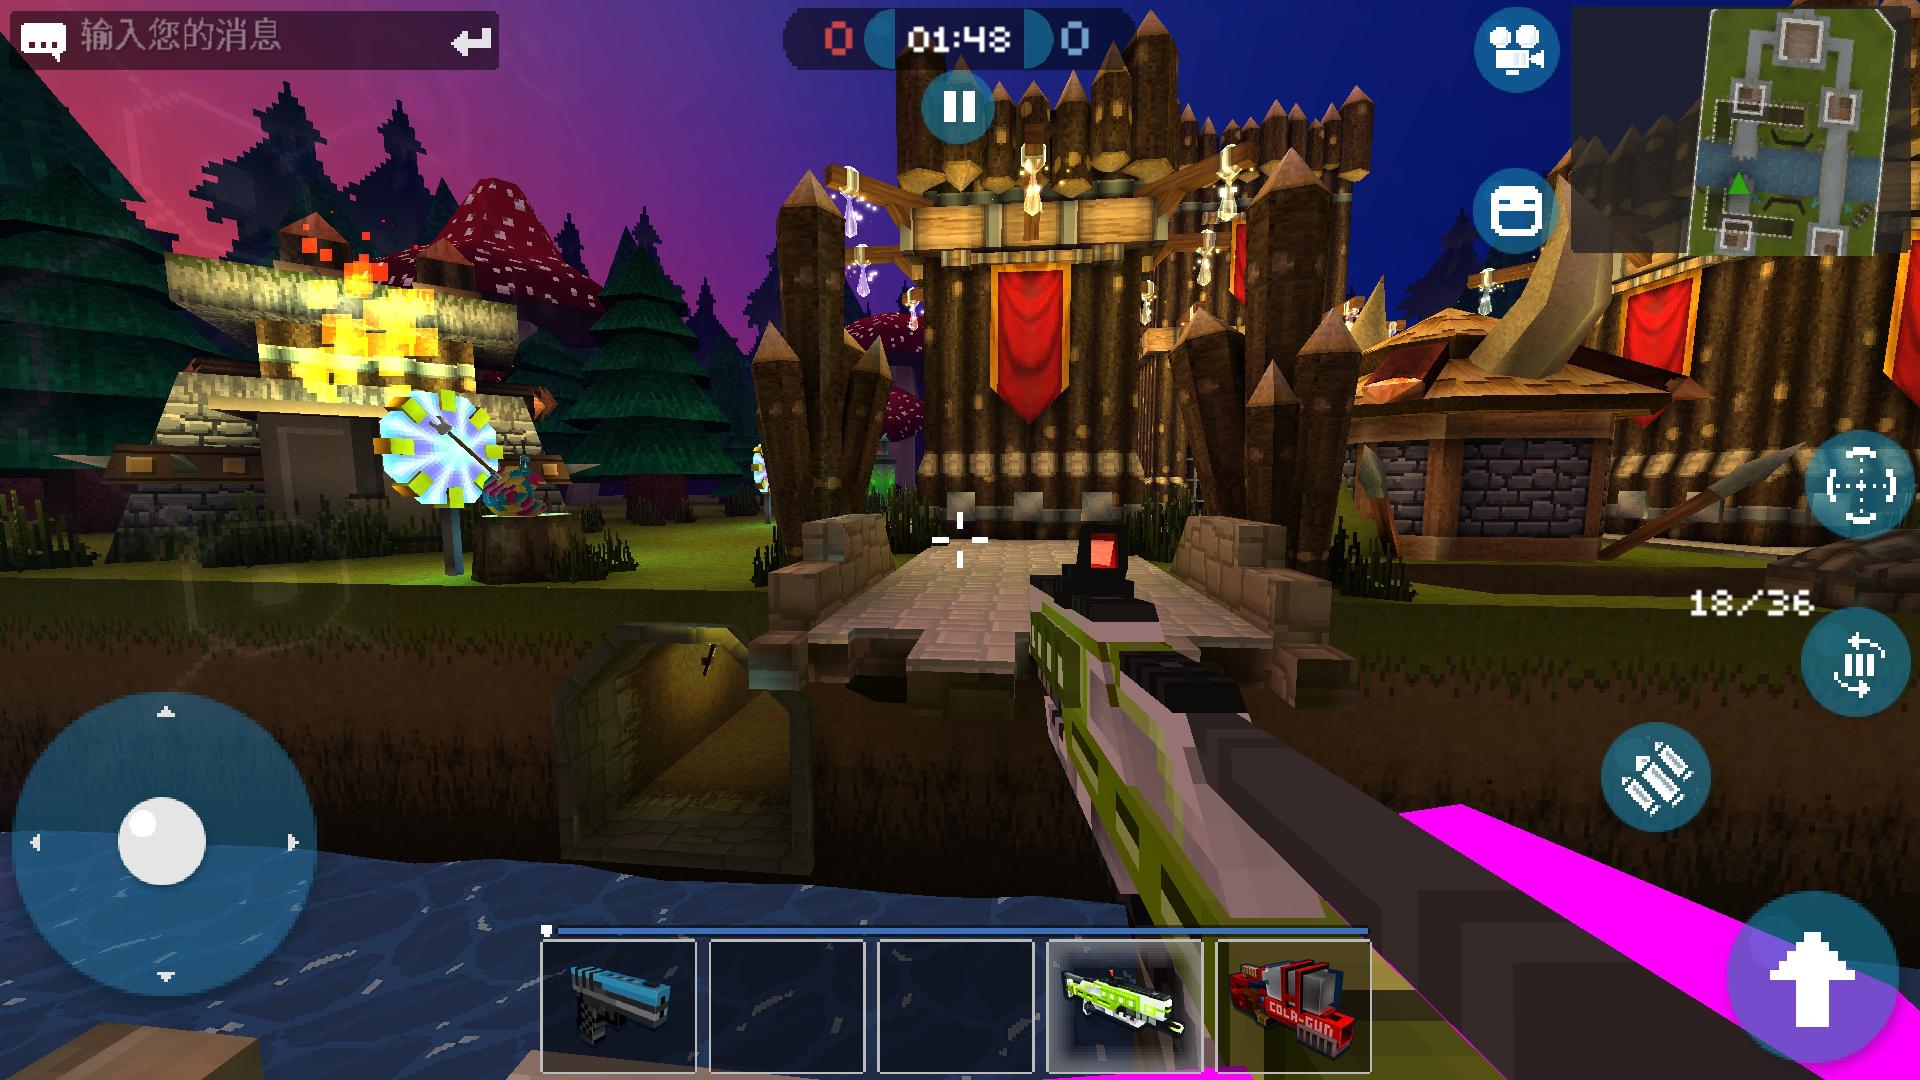 《像素大战》手游是一款将射击,mc,像素,堡垒之夜四元素融合的产品